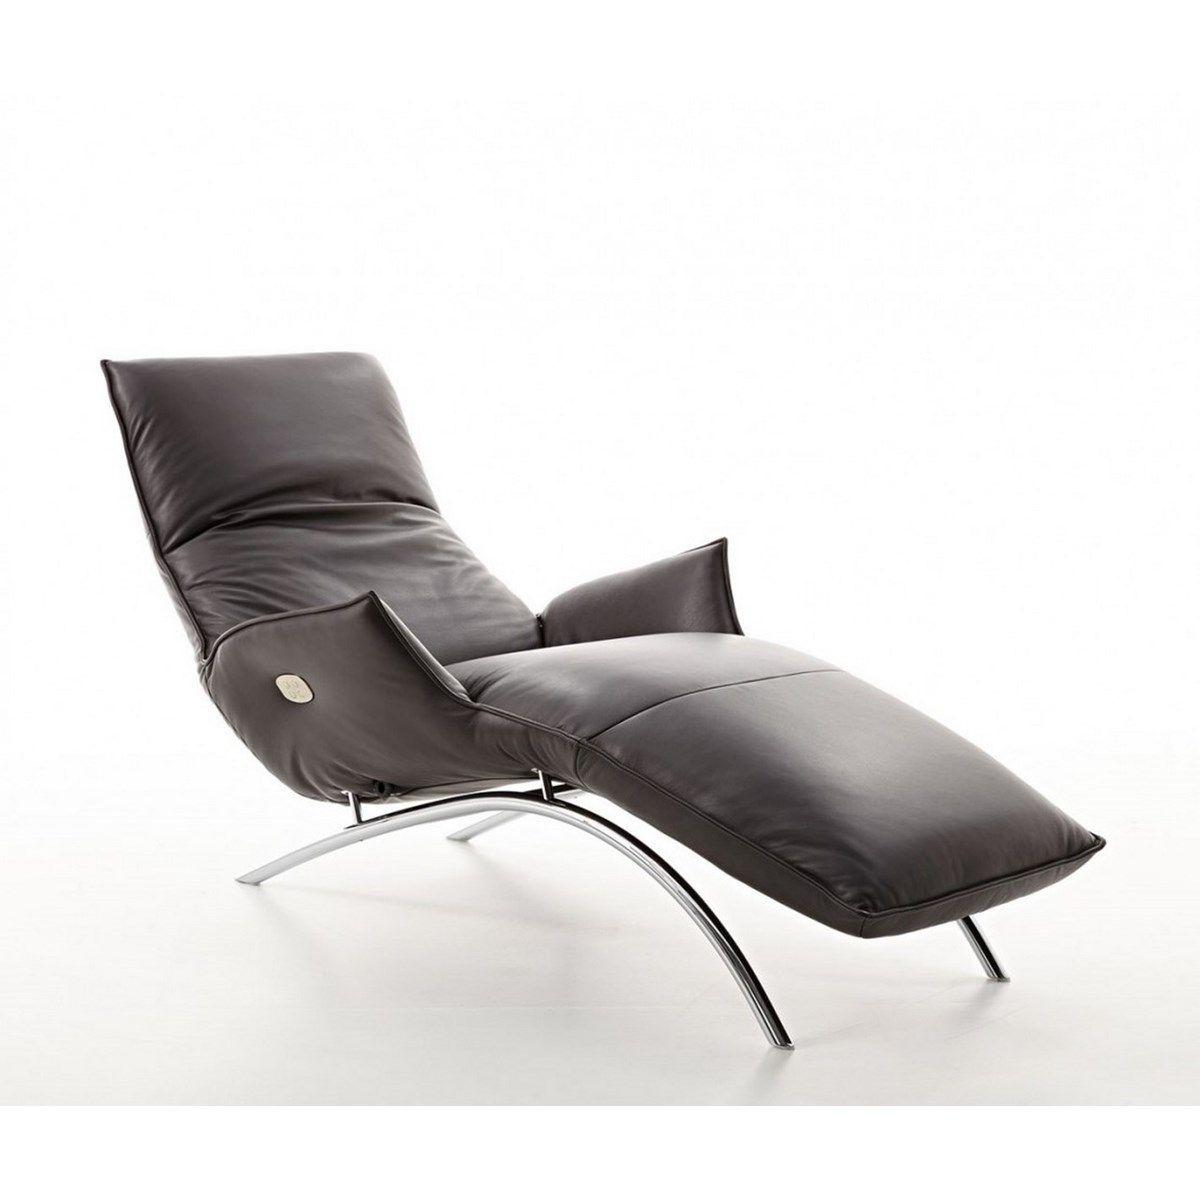 Chaise longue en cuir gris MADAME DAY LOUNGE Relax sur batterie